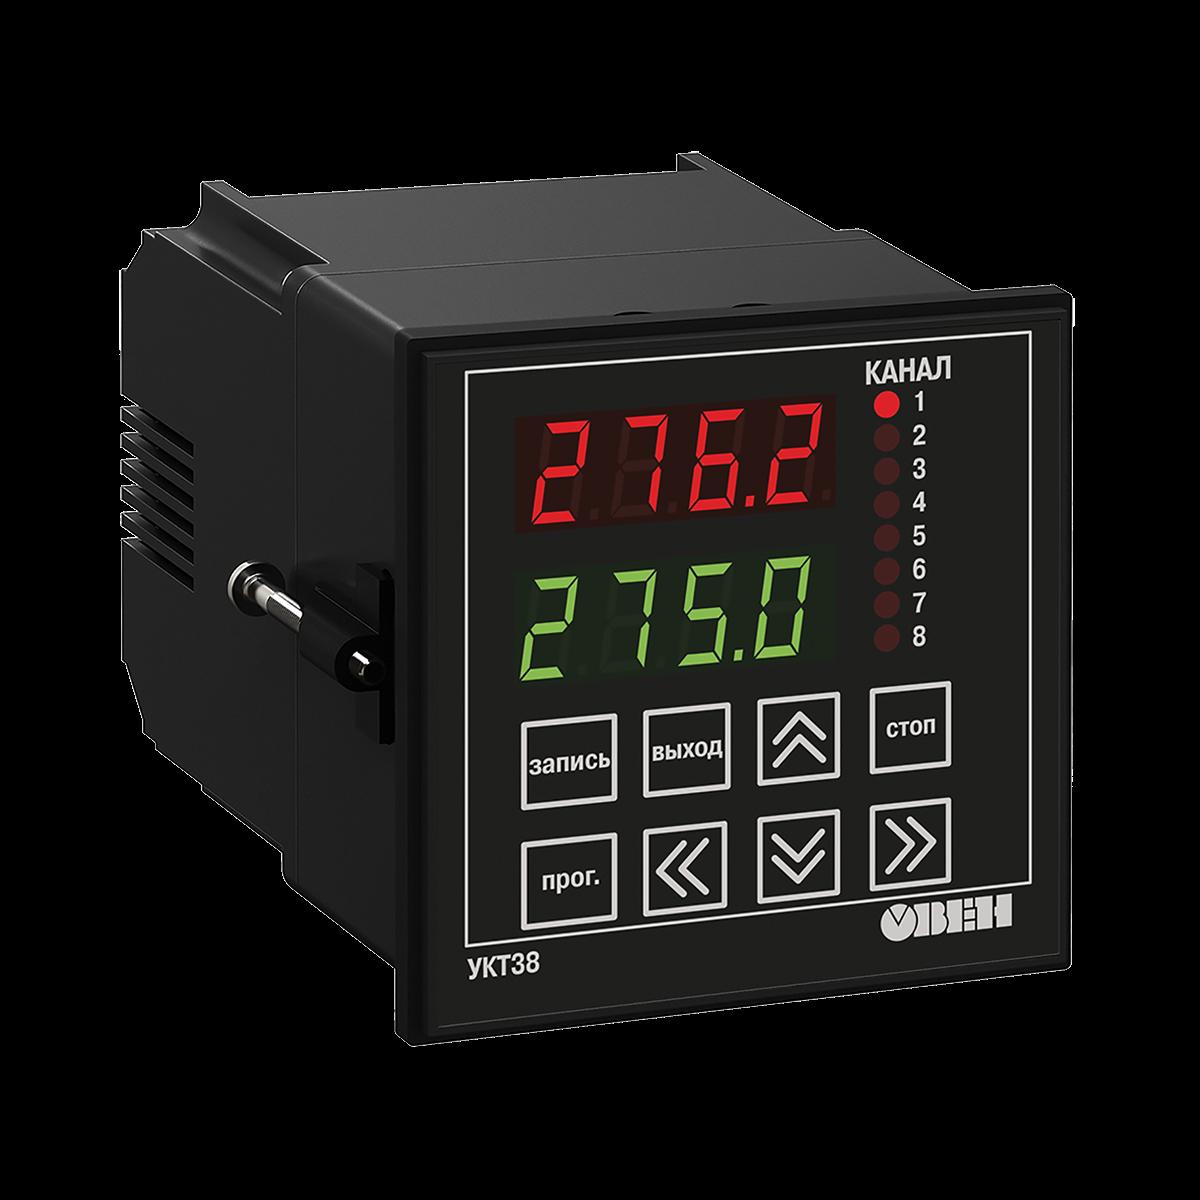 УКТ38 восьмиканальный измеритель с аварийной сигнализацией